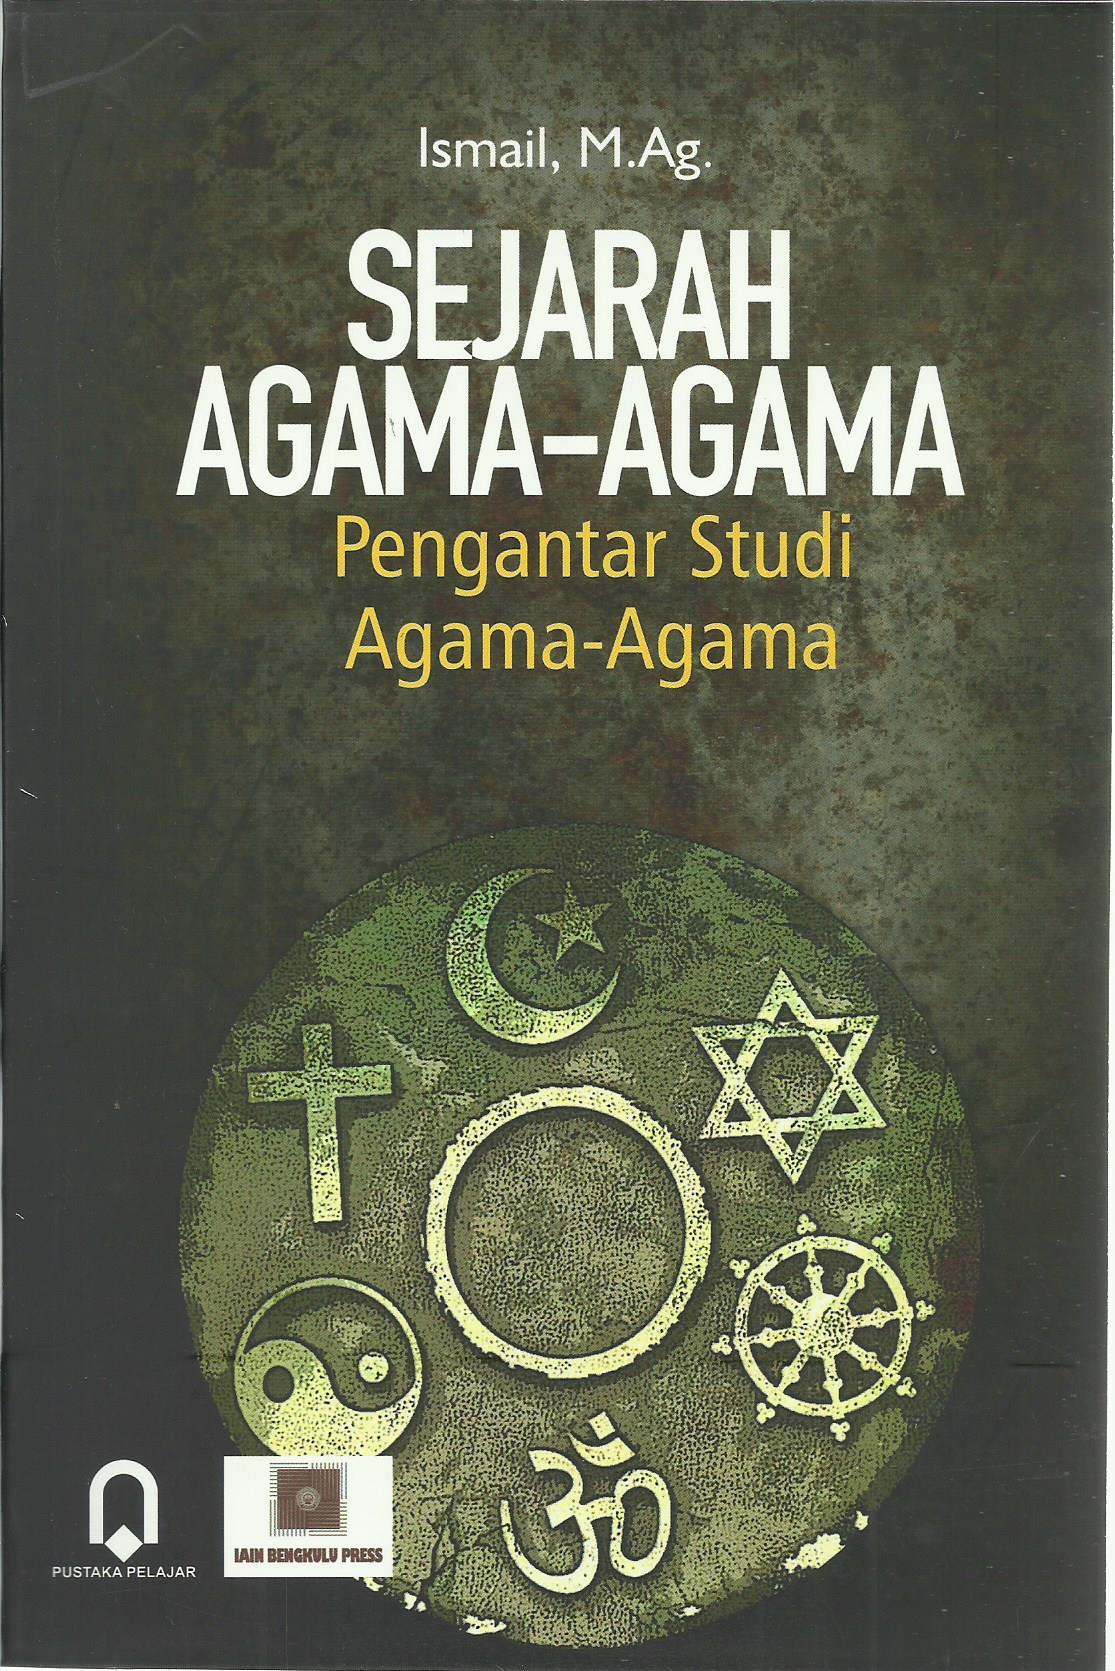 Sejarah Agama-Agama